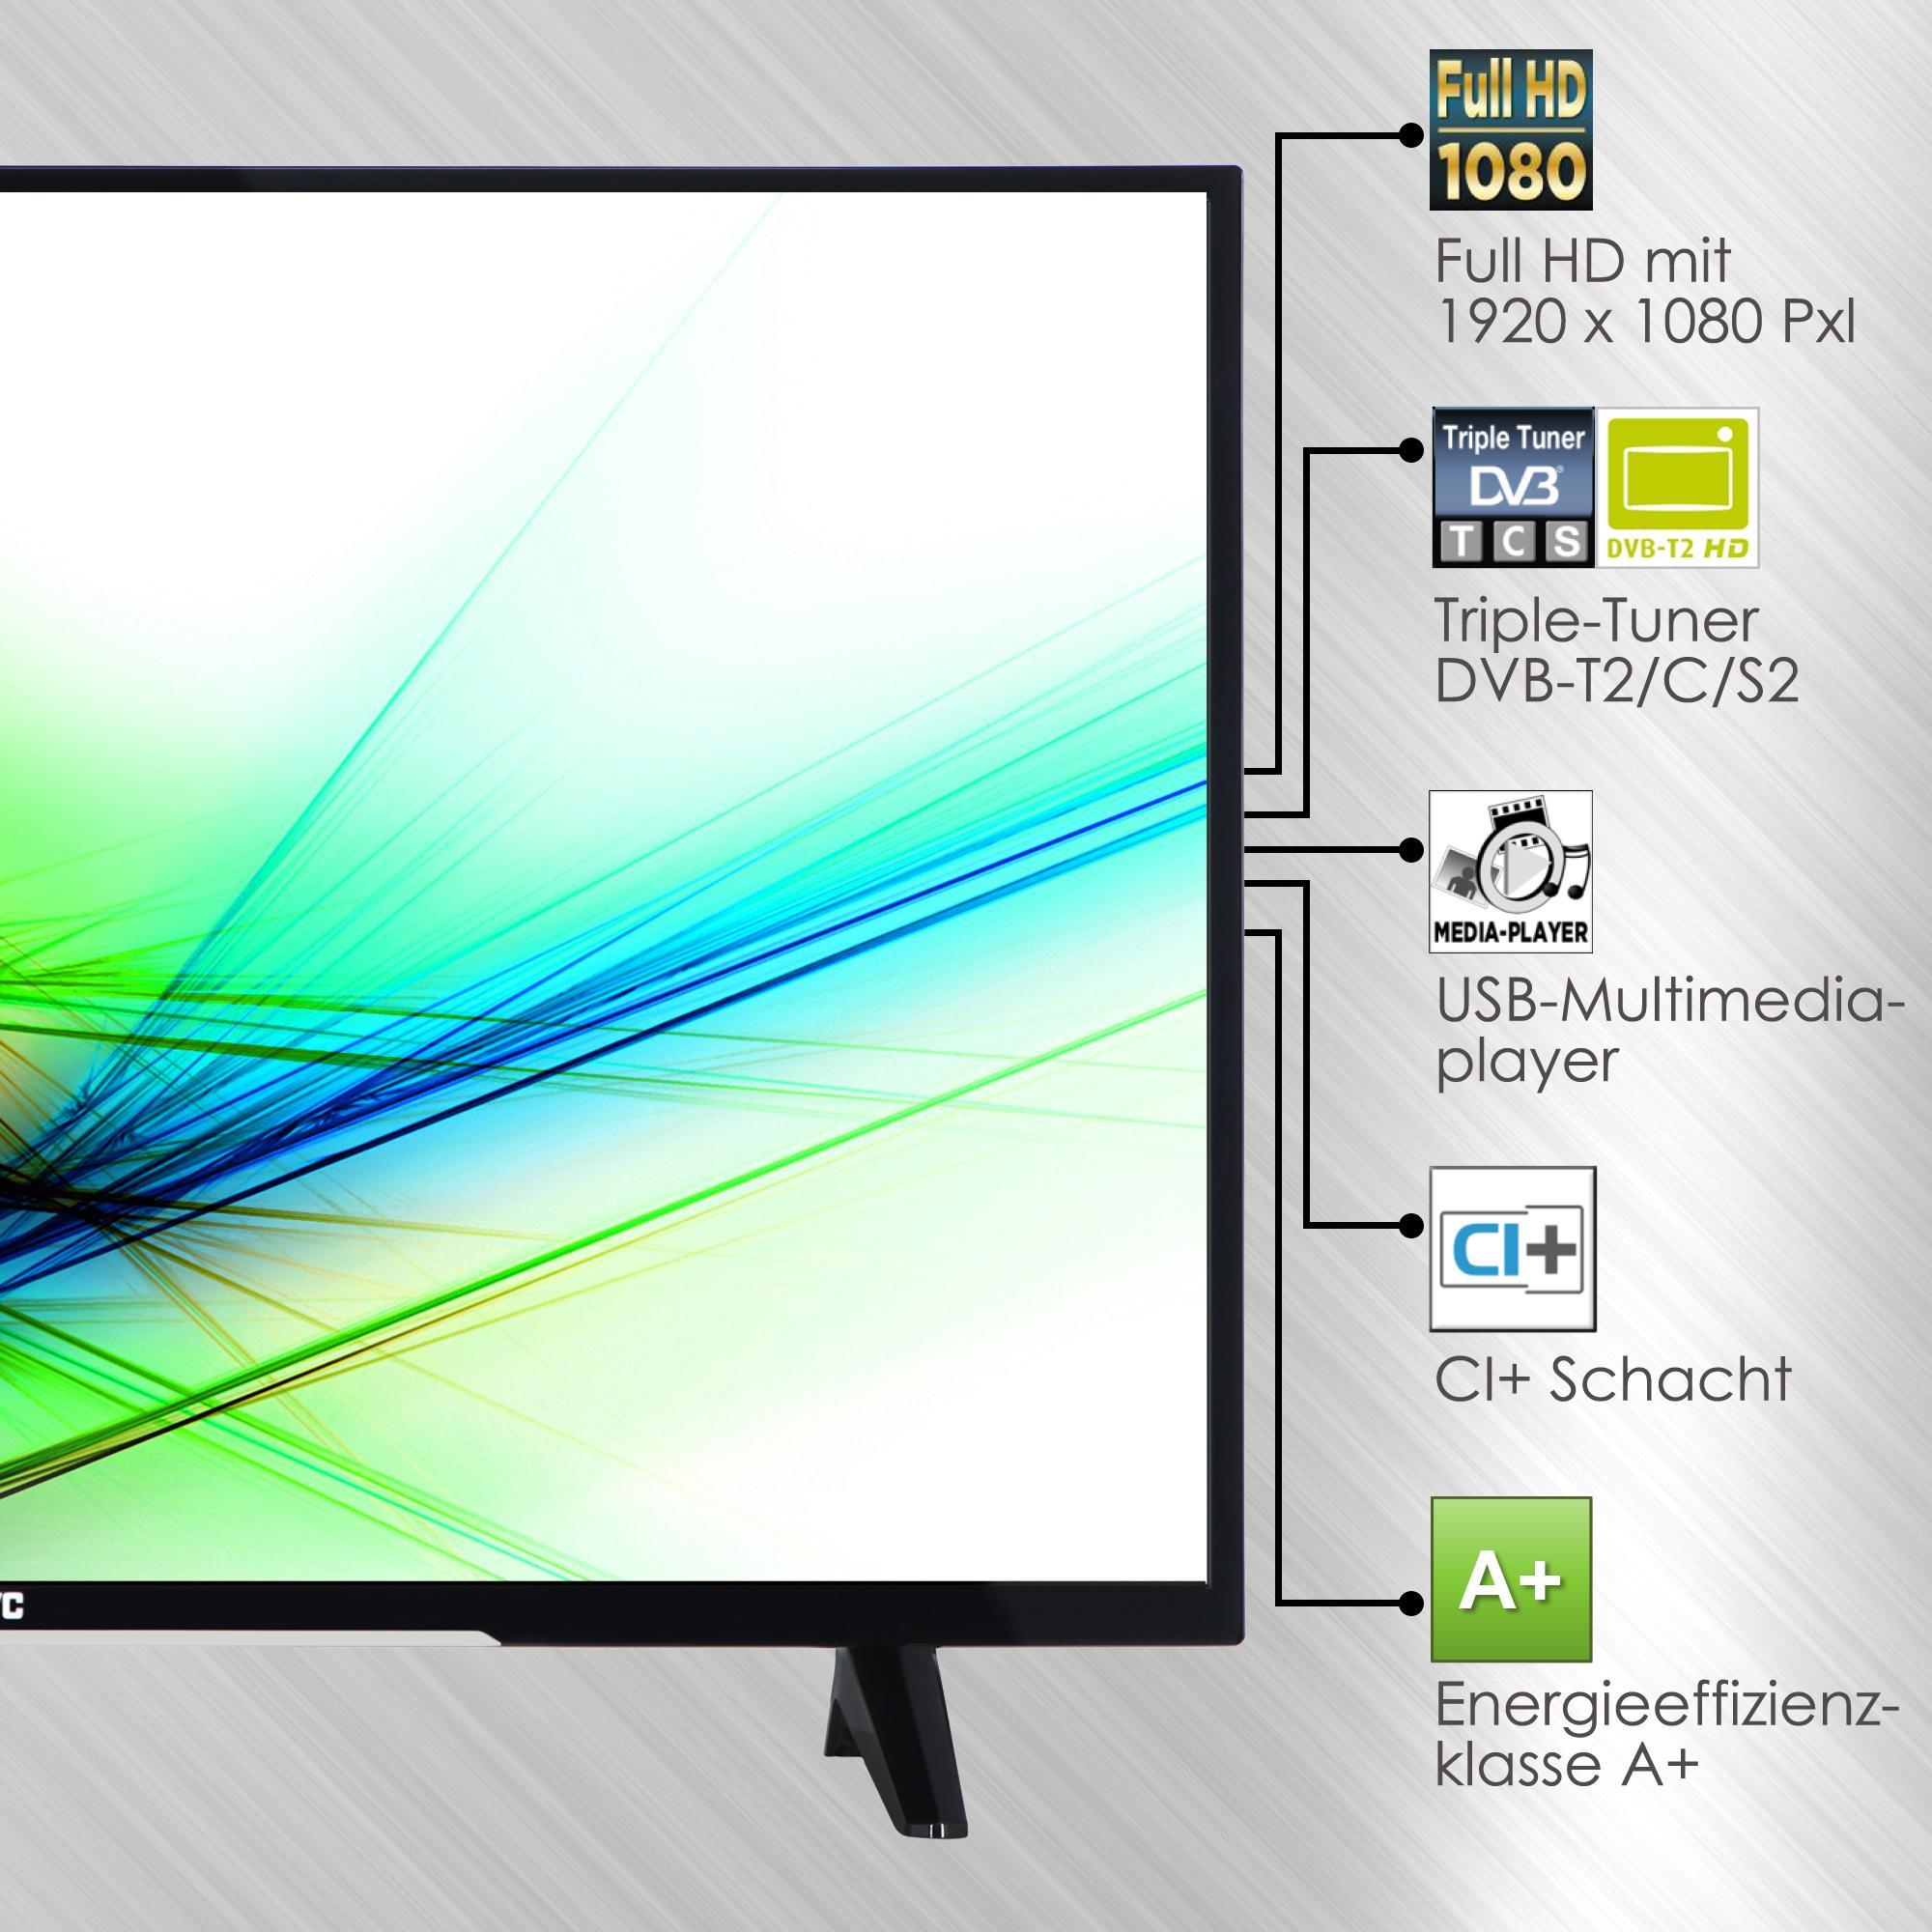 jvc lt 43vf43a 110 cm fernseher elektronik. Black Bedroom Furniture Sets. Home Design Ideas